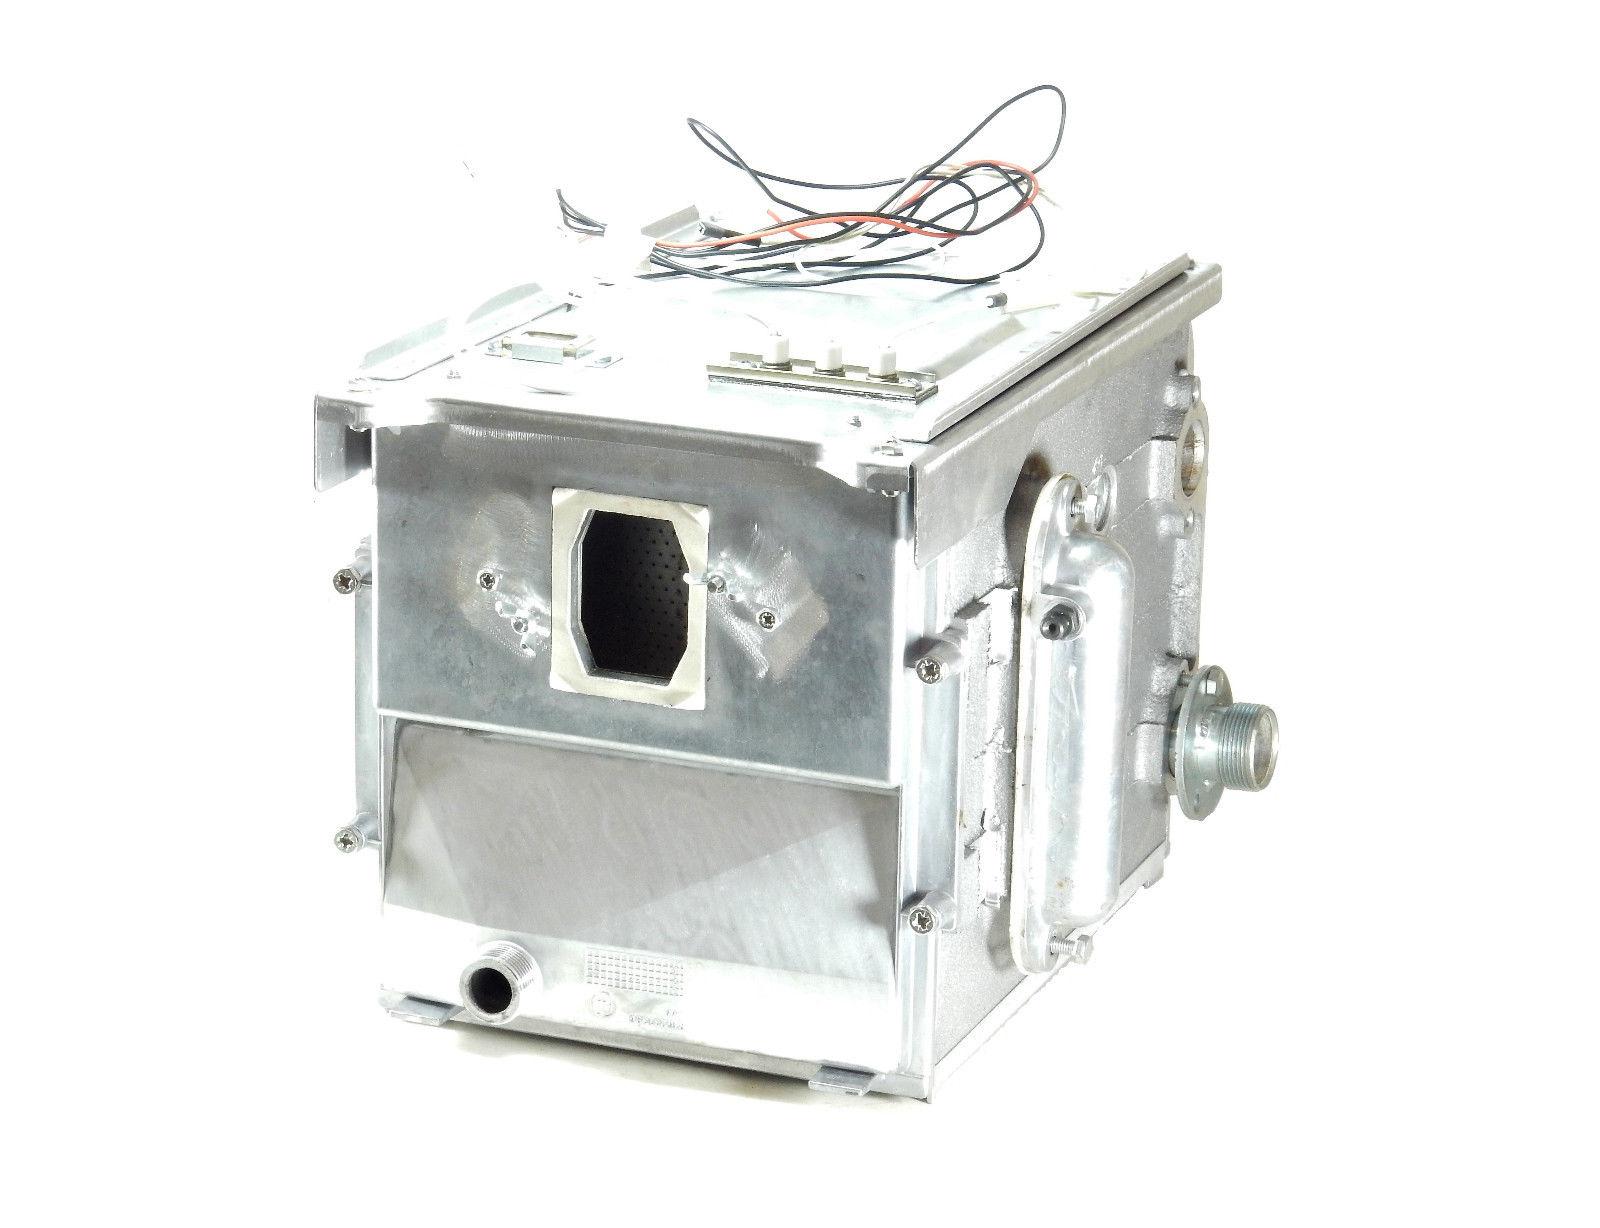 Potterton Promax SL 12 15 18 24 30 Egli Plus isolamento Pad Assembly 242499